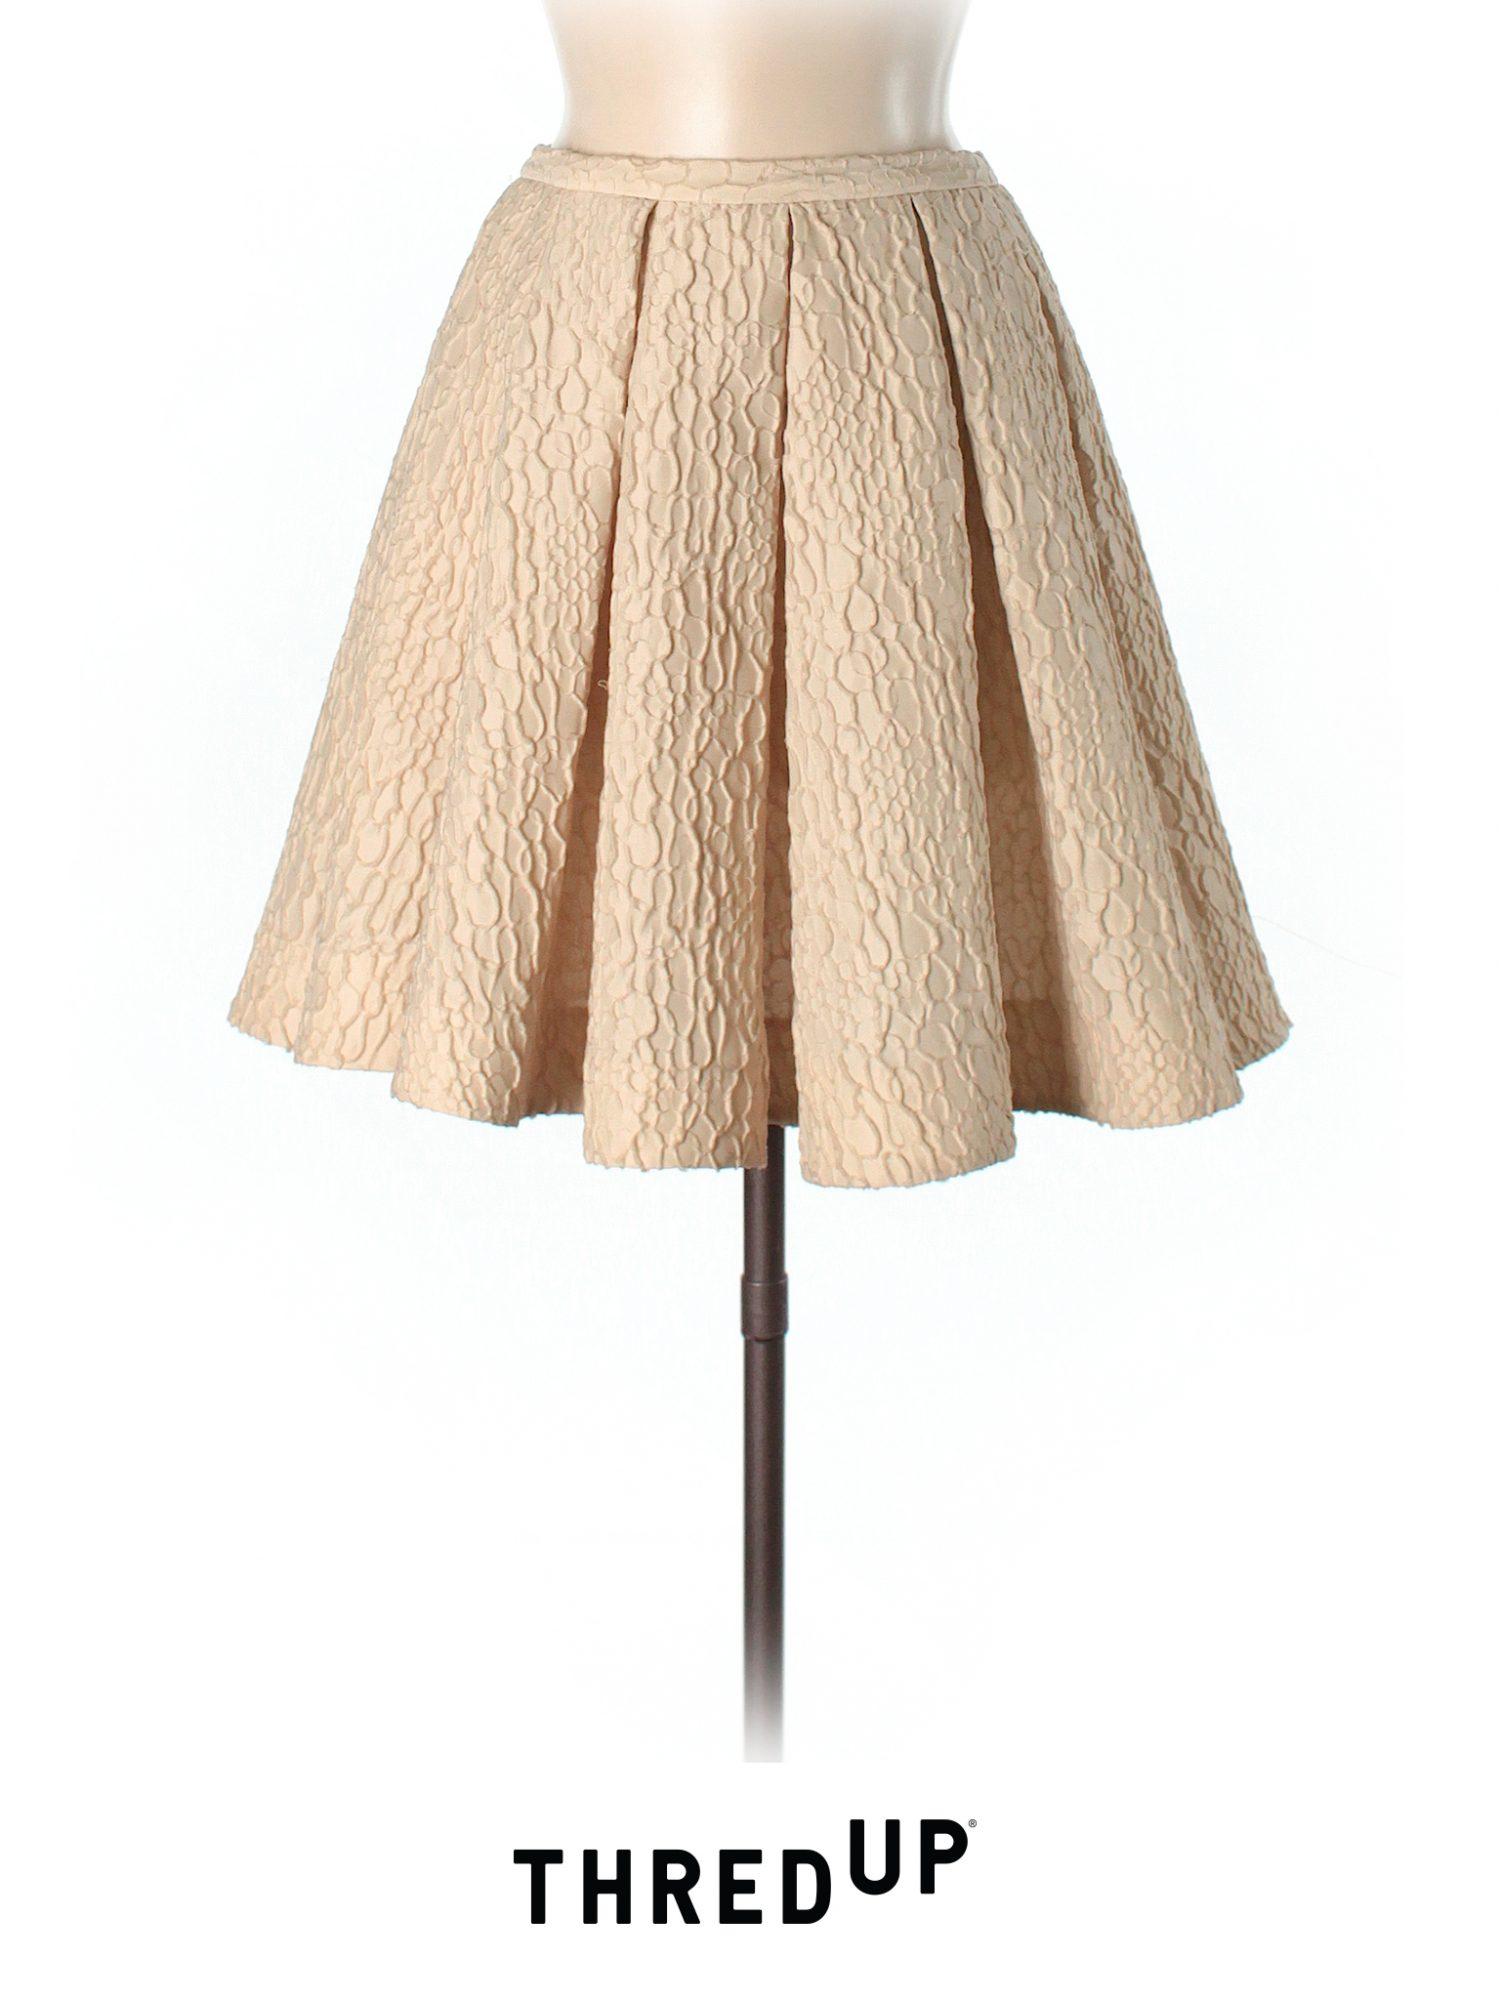 Rodarte-x-Opening-Ceremony-Skirt.jpg